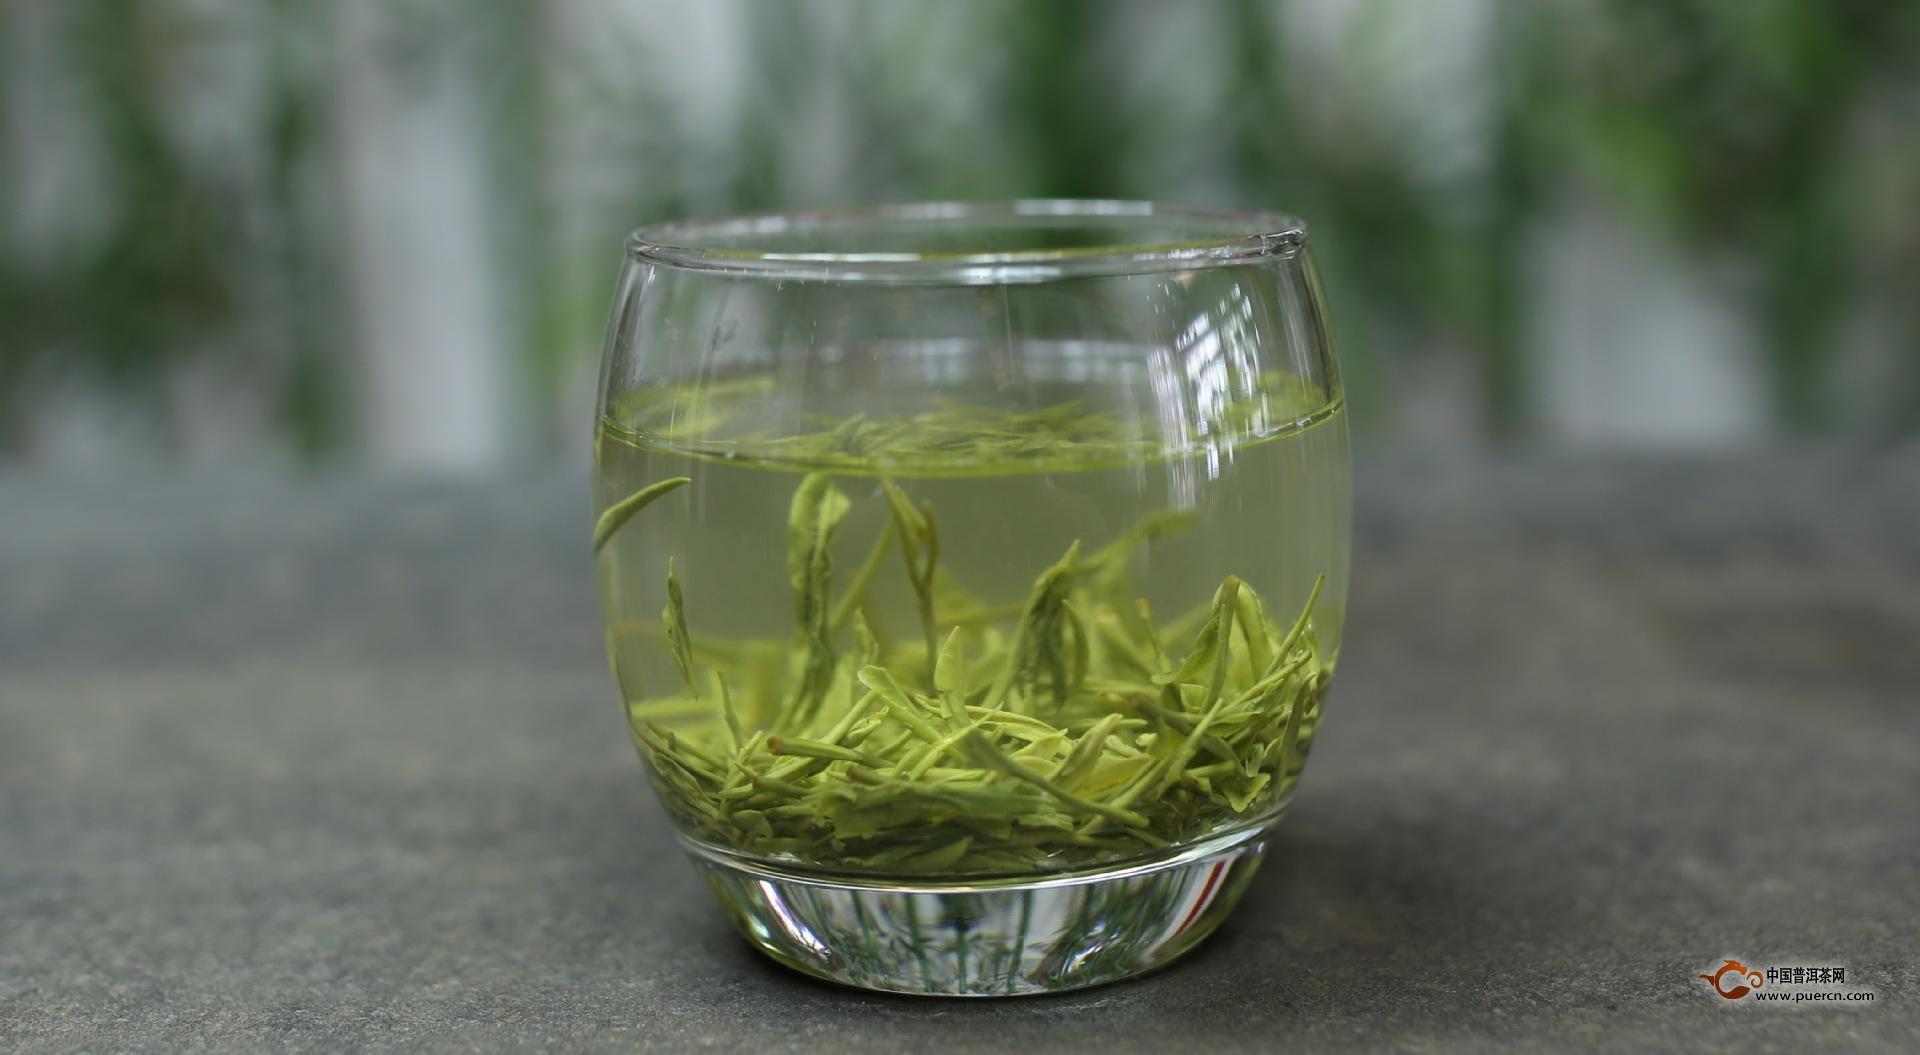 庐山云雾茶的泡法步骤1,烫杯   泡茶前烫杯,云雾茶的泡制方法也别